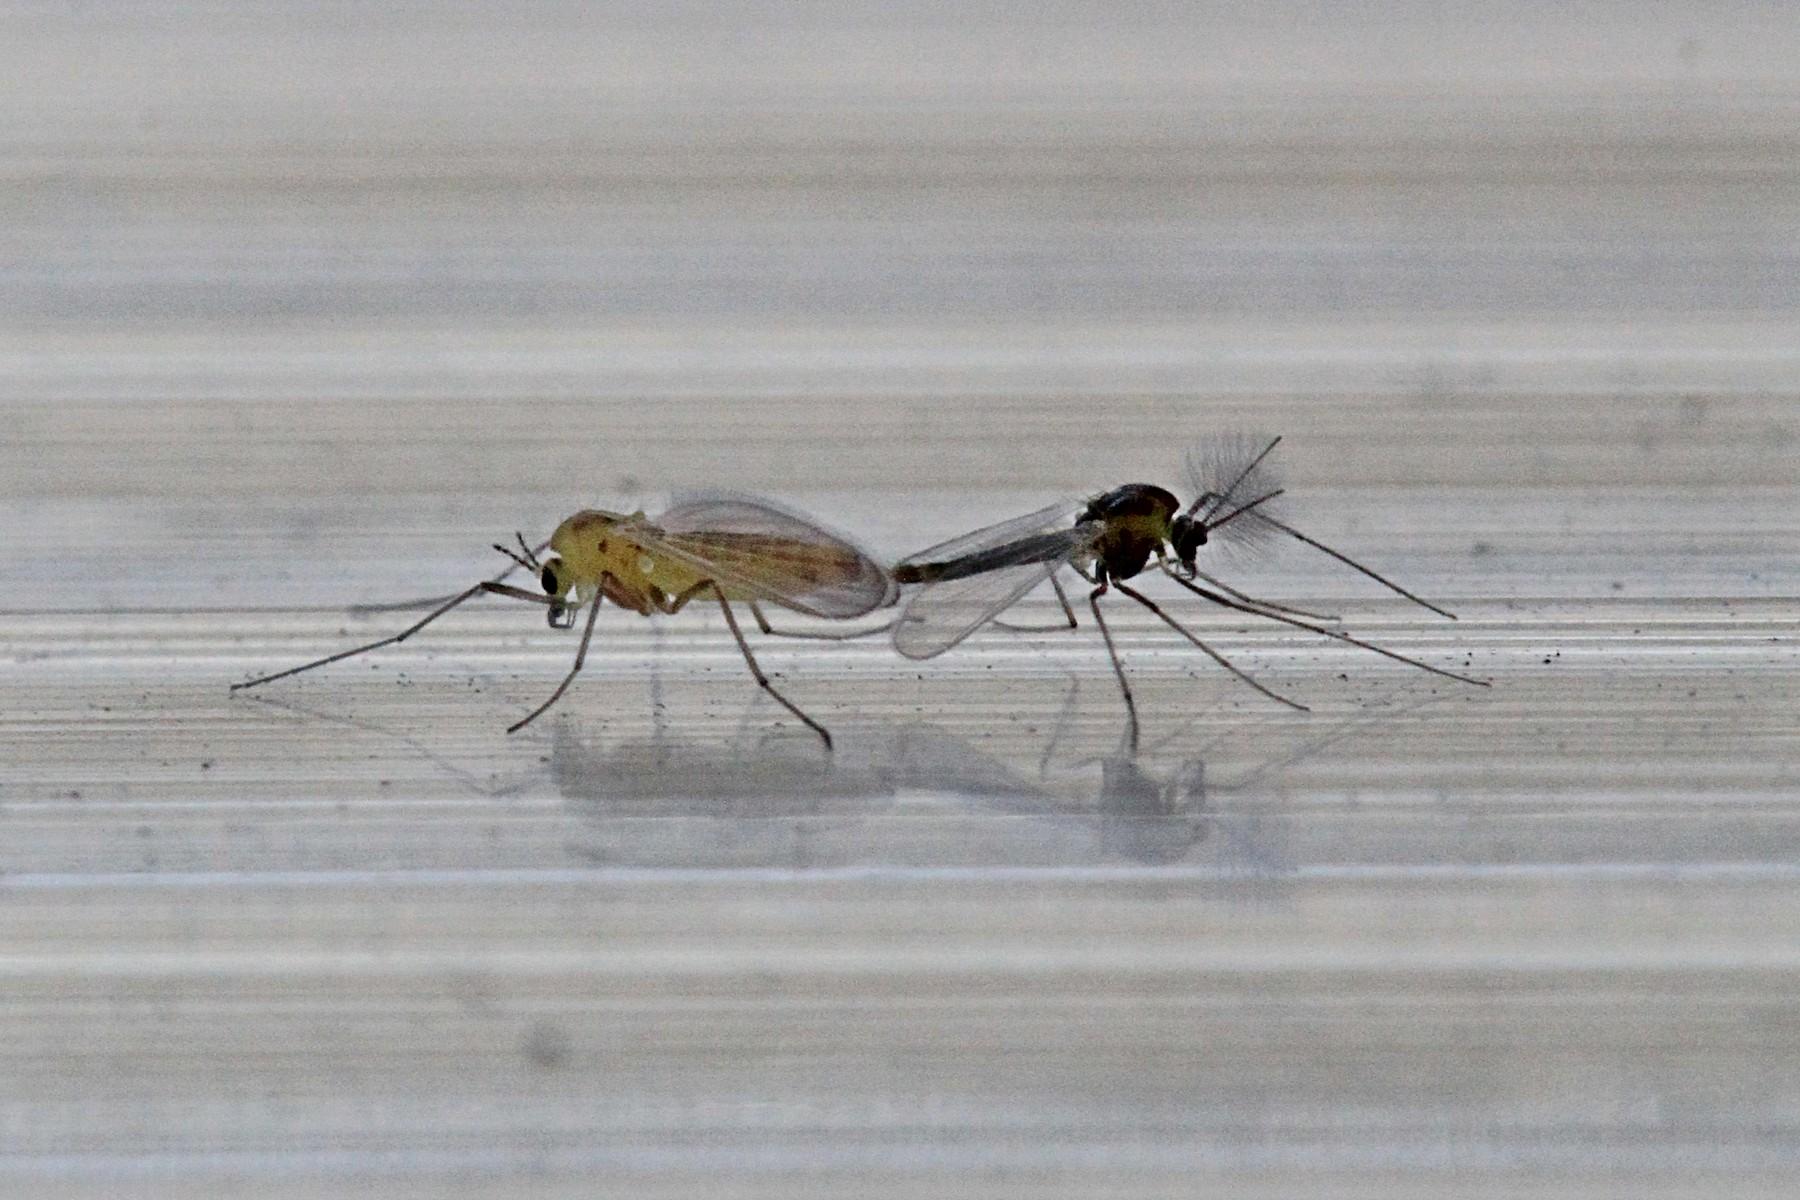 дремучем-дремучем как выглядит самец комара фото спонтанно